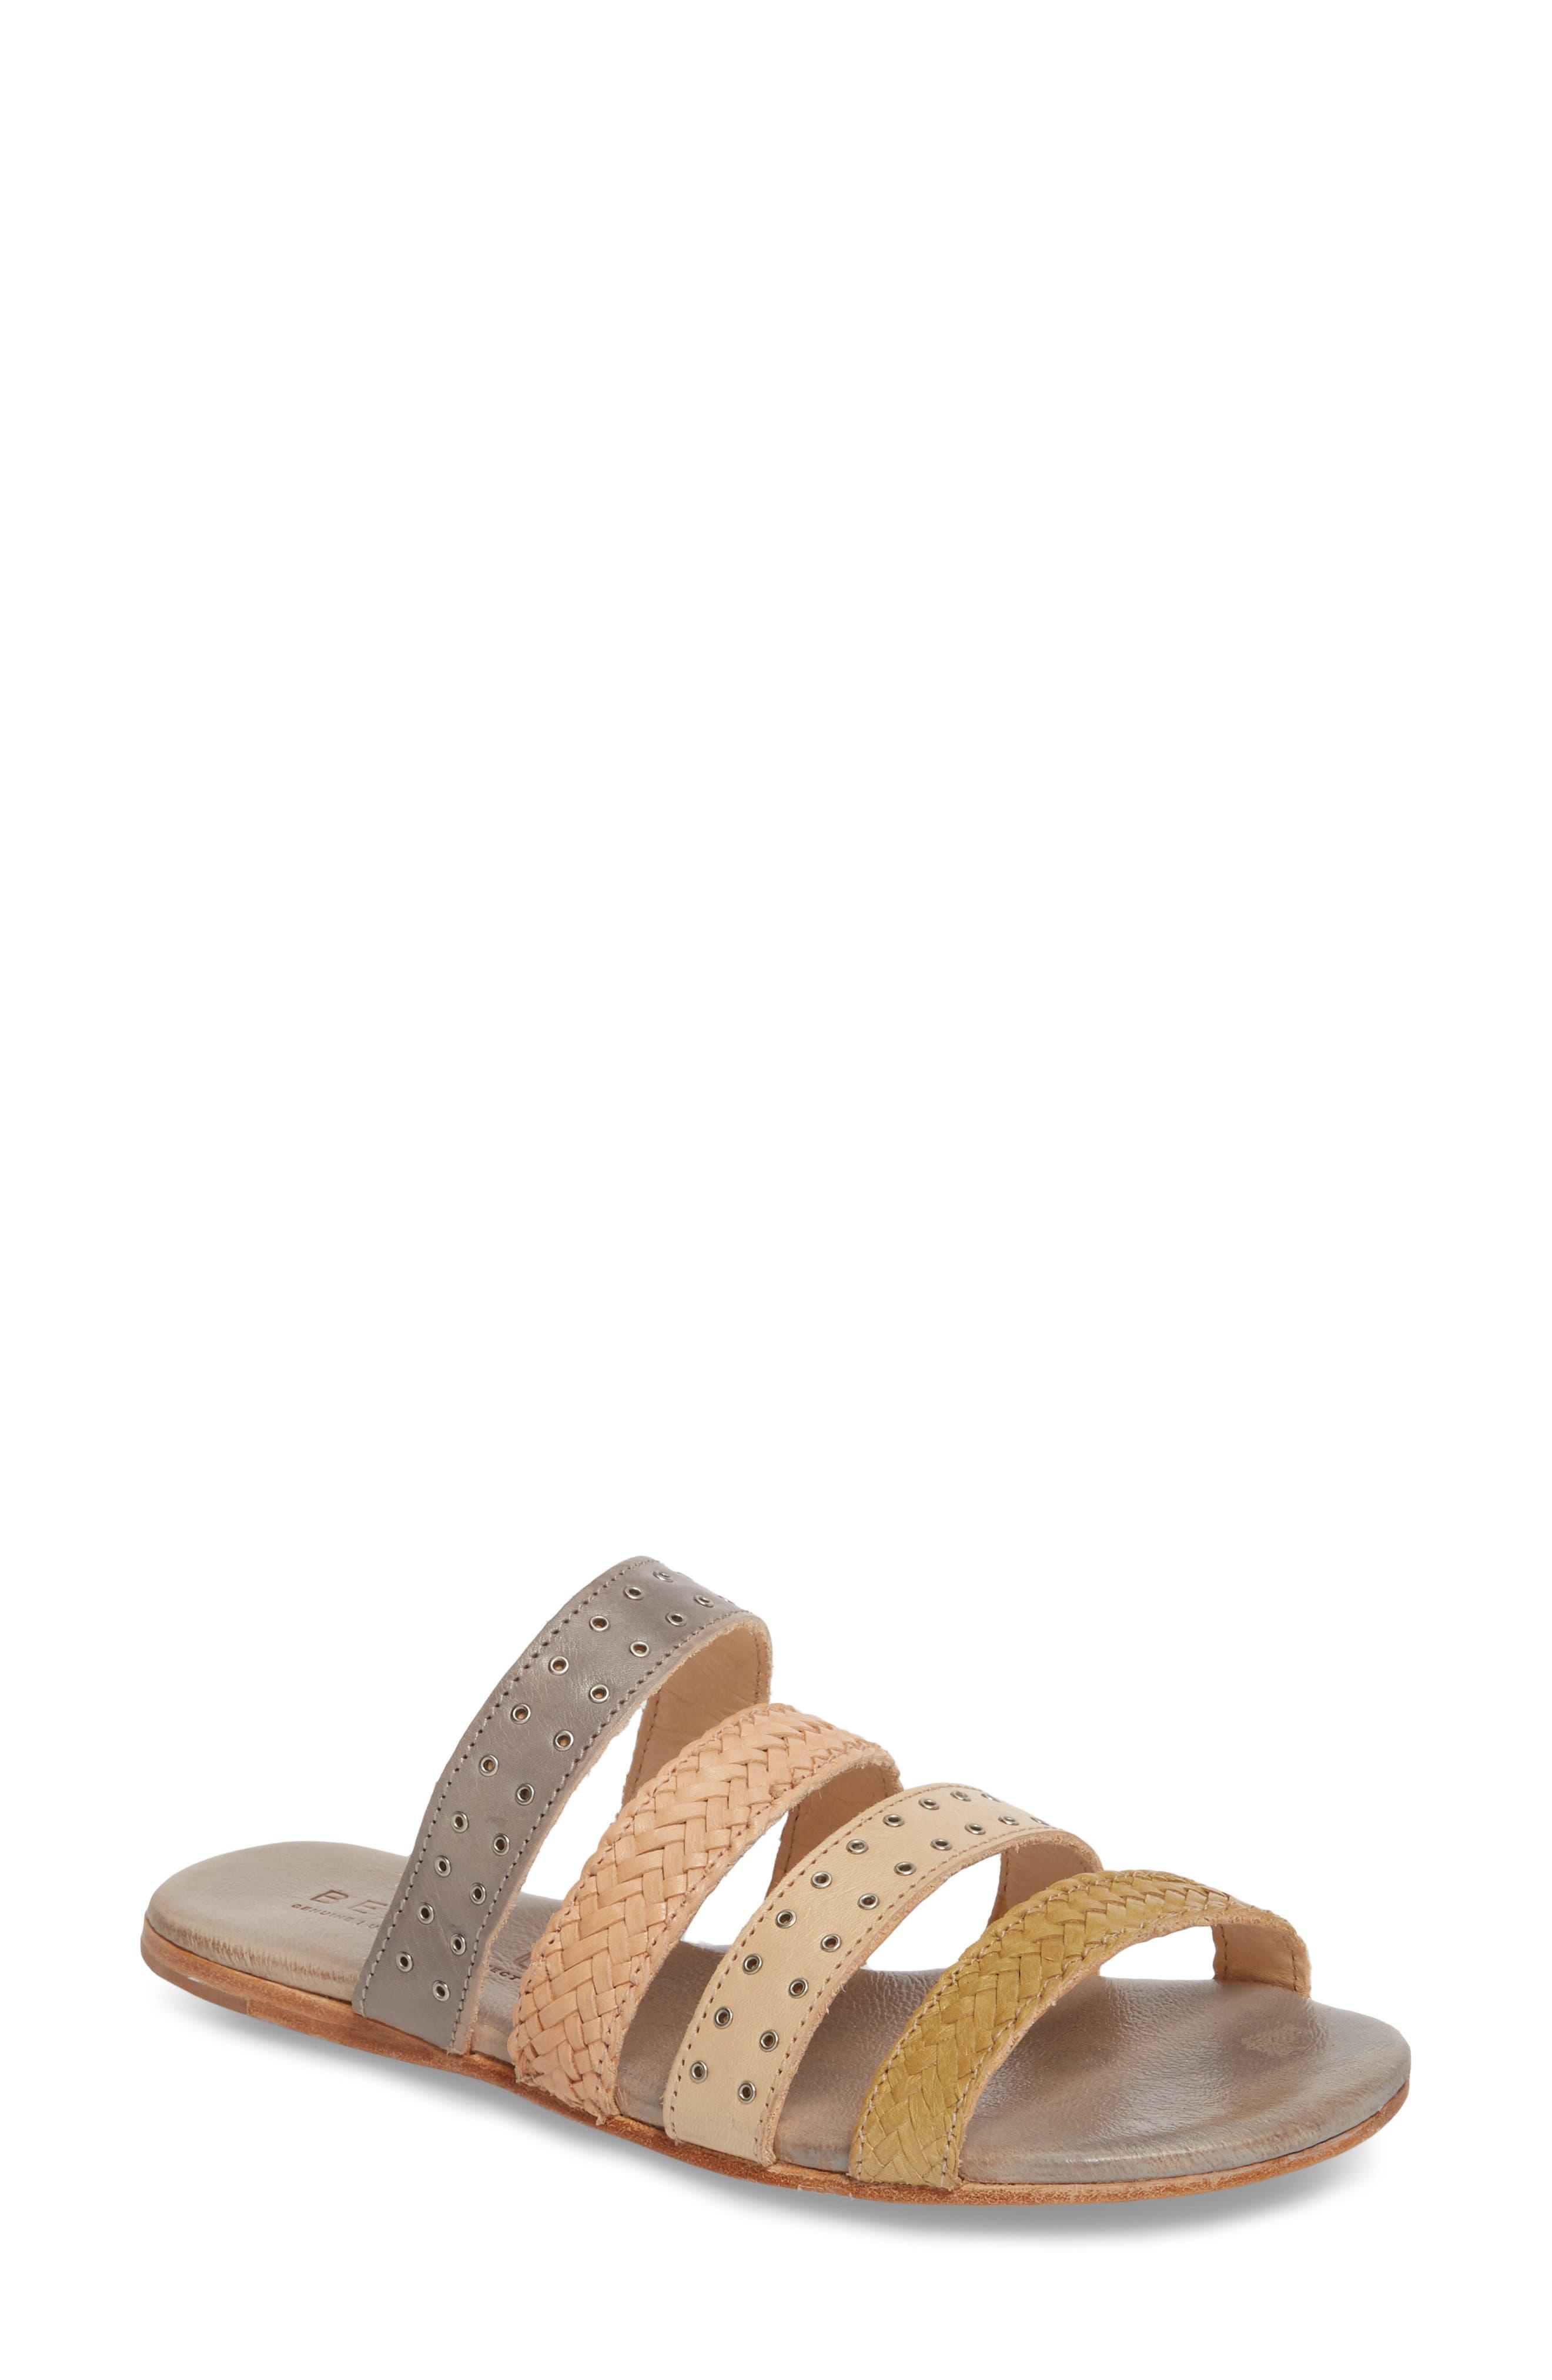 Bed Stu Henna Slide Sandal (Women)